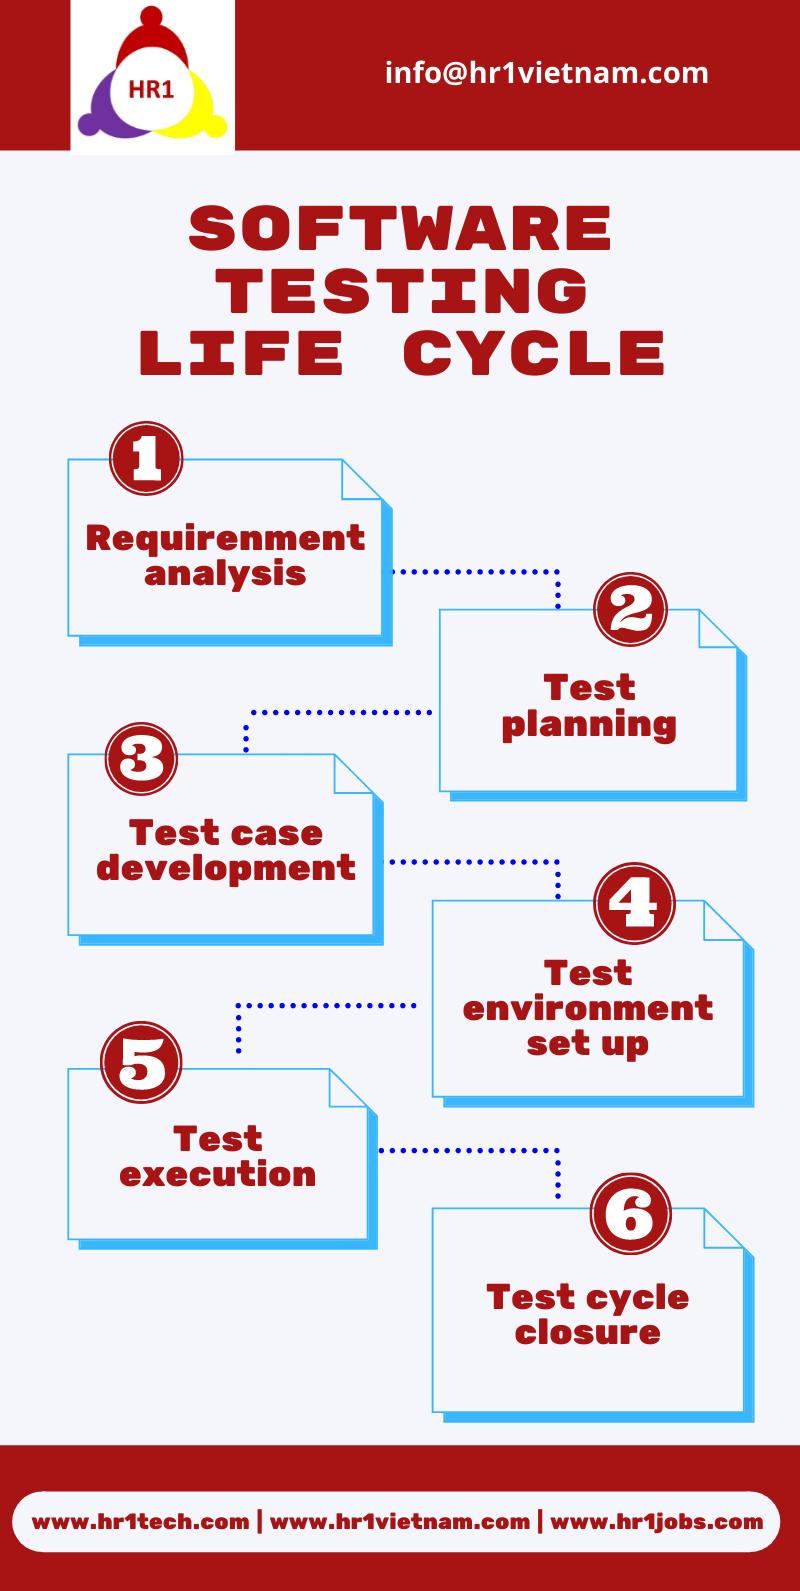 - Source: Softwaretestingclass.com -